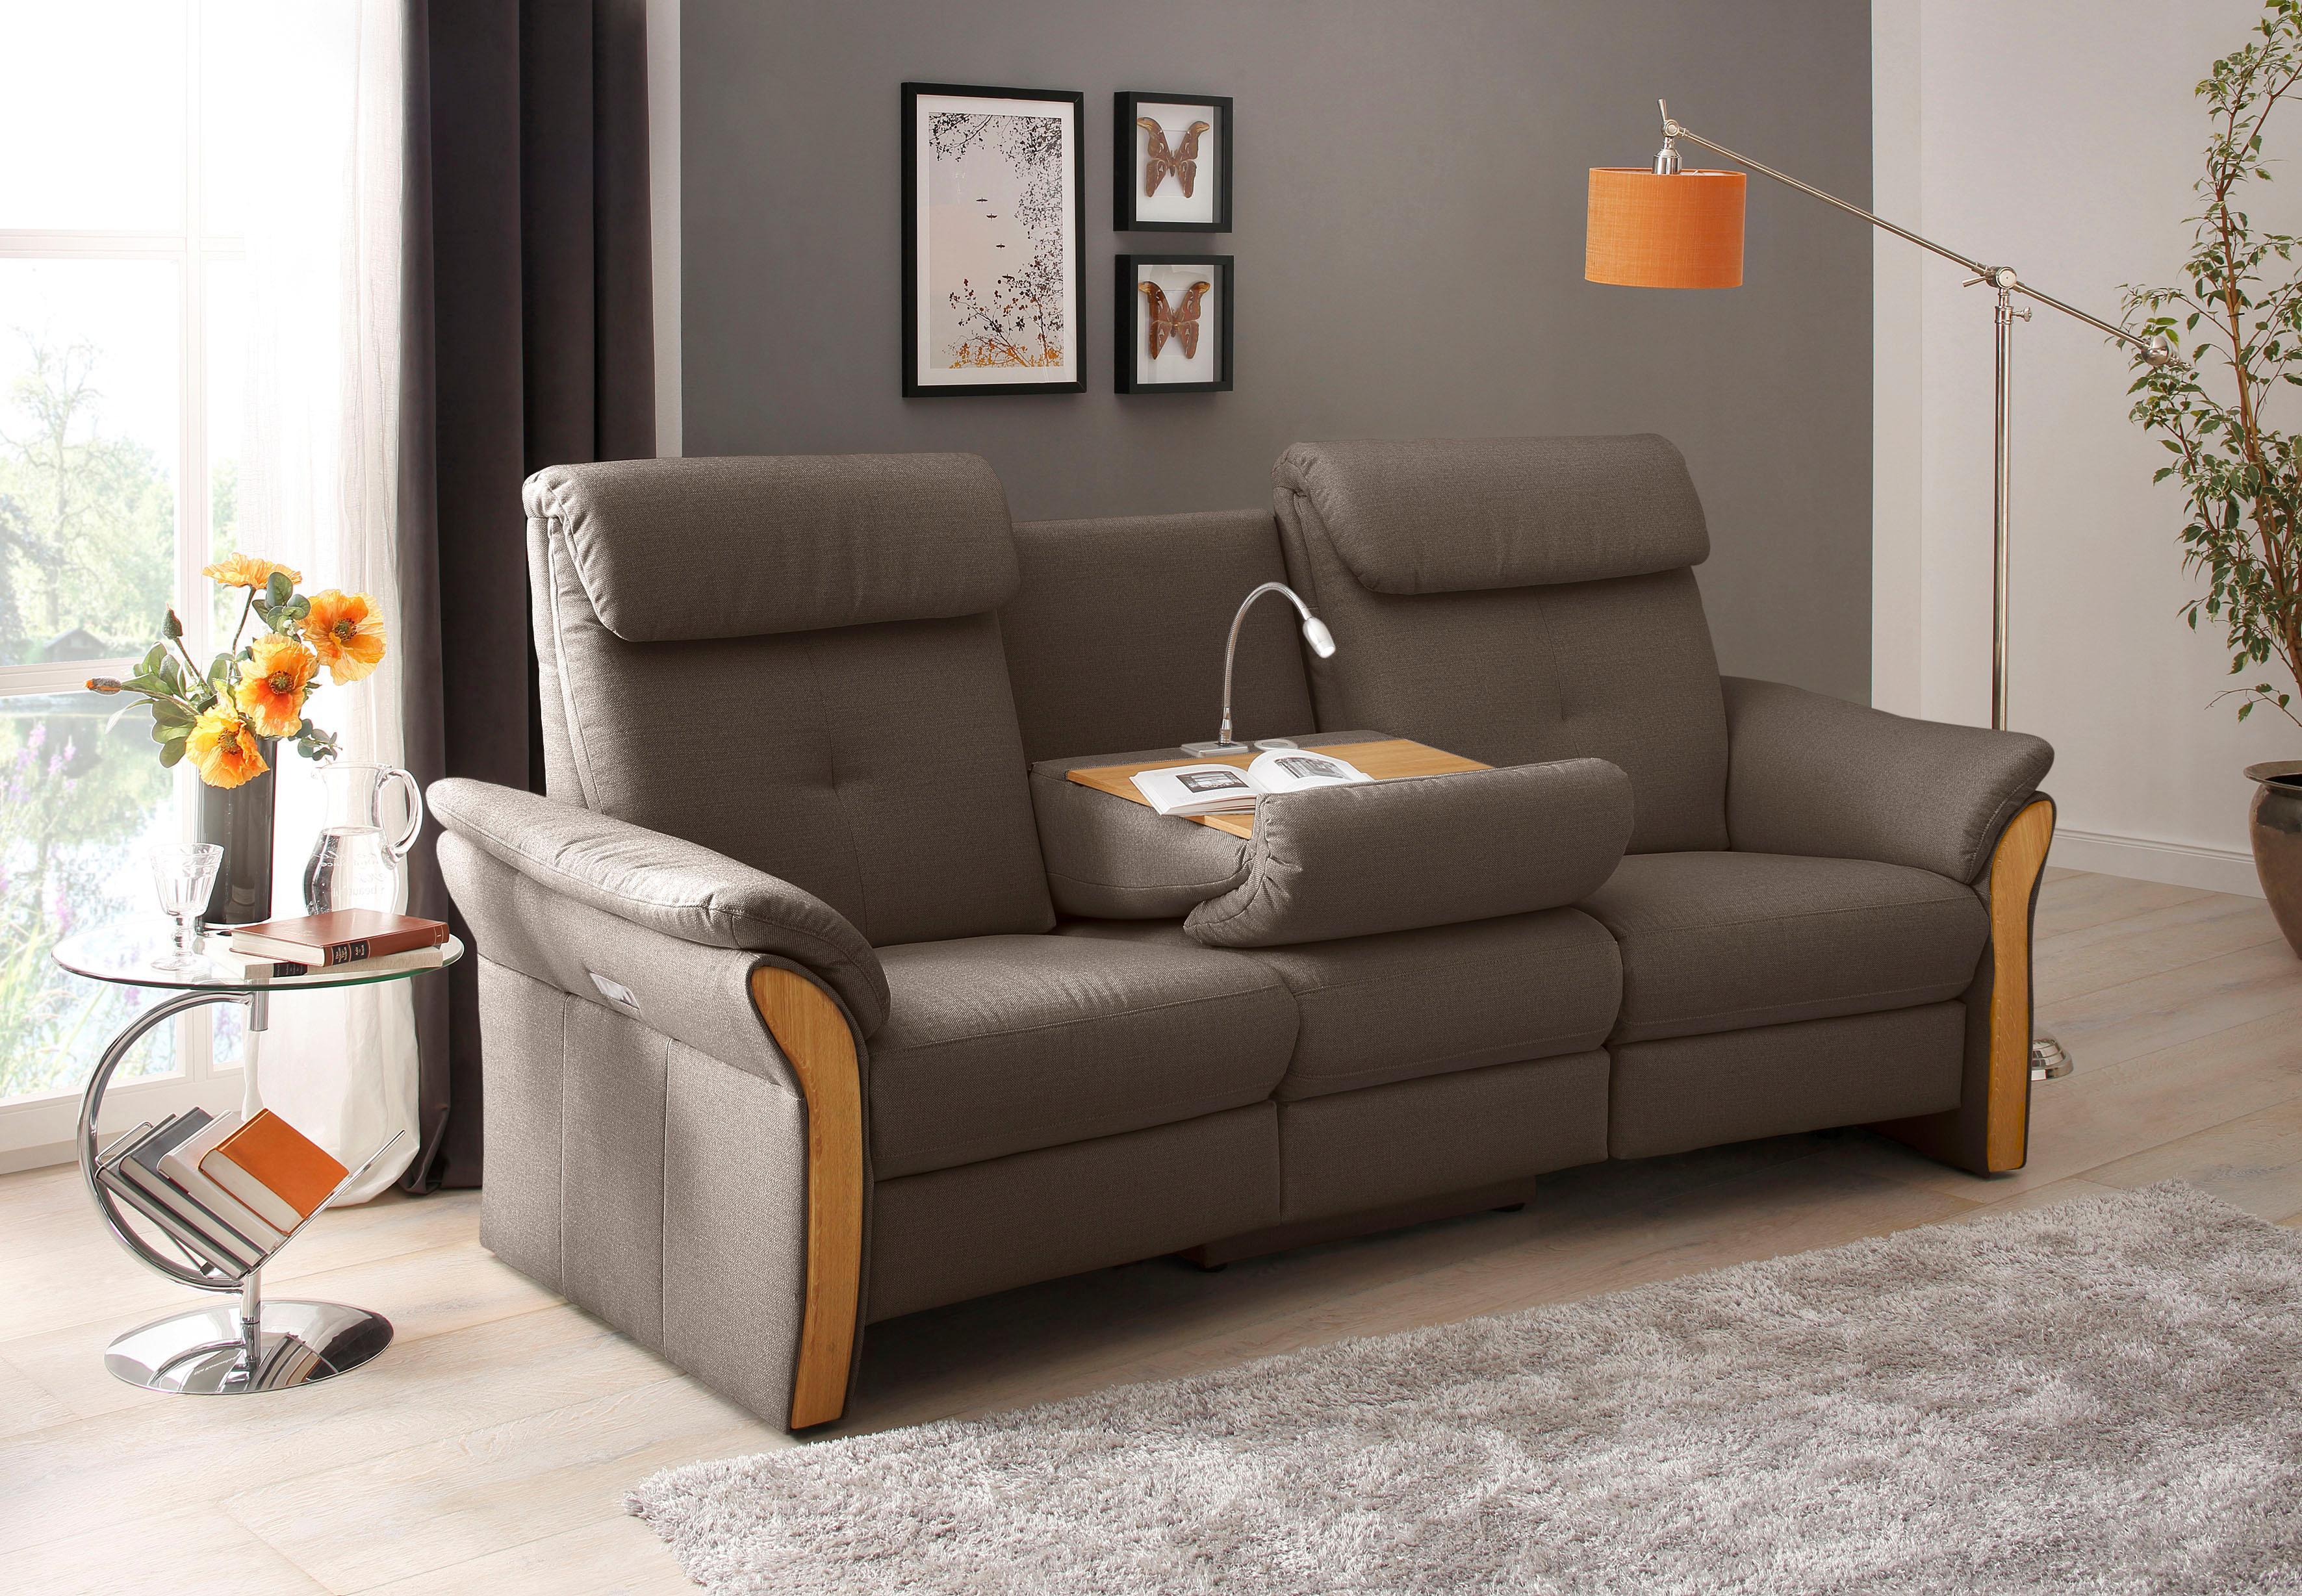 DELAVITA Sofa